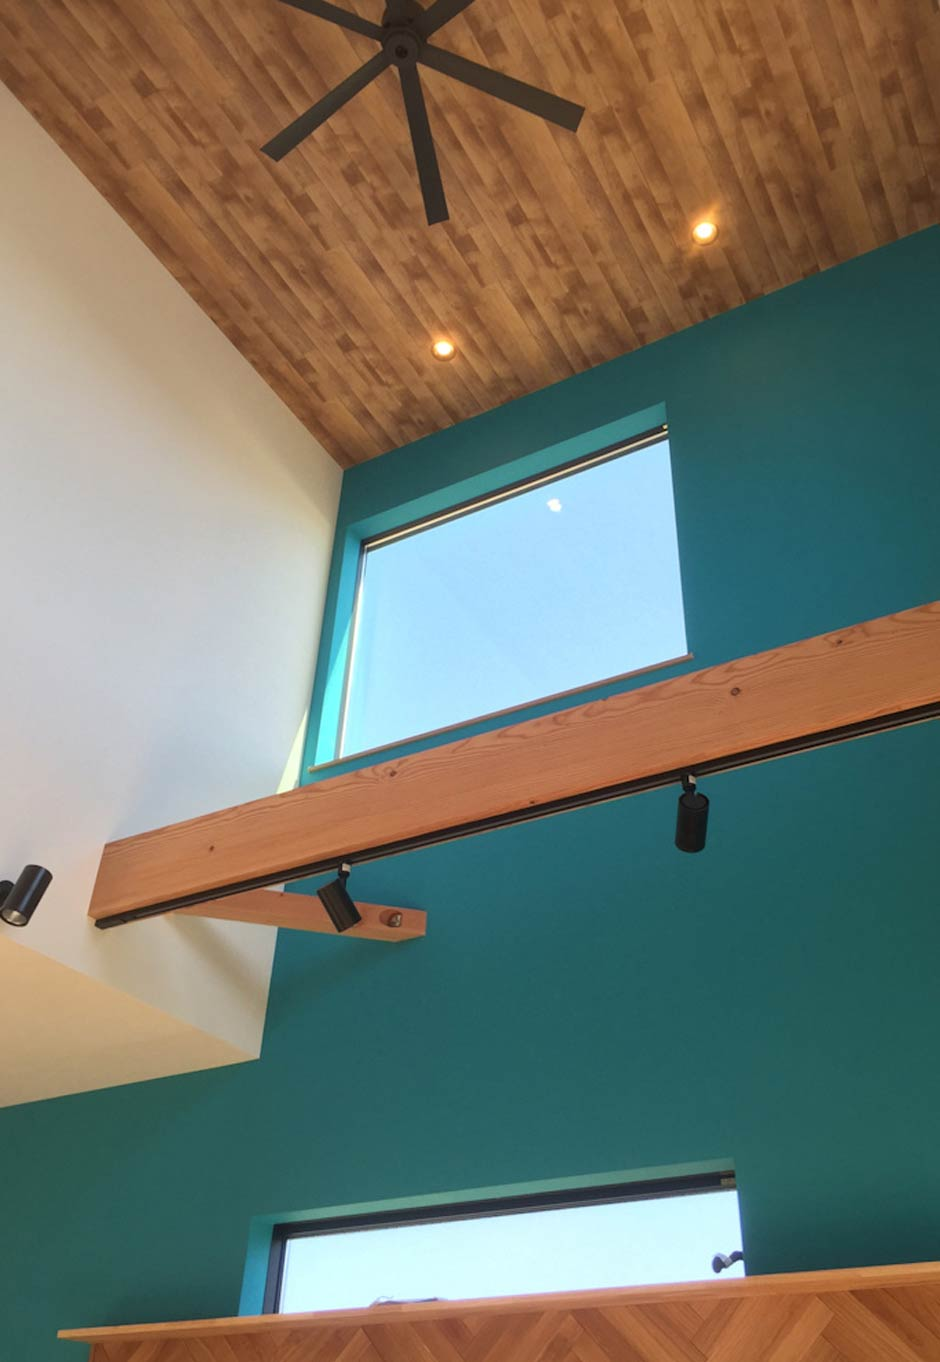 これほど大きな吹抜け空間があっても、ダクト換気システムによる超高気密・高断熱で家中どこにいても温度差がなく、夏も冬も快適に暮らせる。シンプルなデザインのシーリングファンがマリンテイストの空間に似合っている。天井は無垢ではなく、木目調のクロスを貼ってコストダウンにつなげた